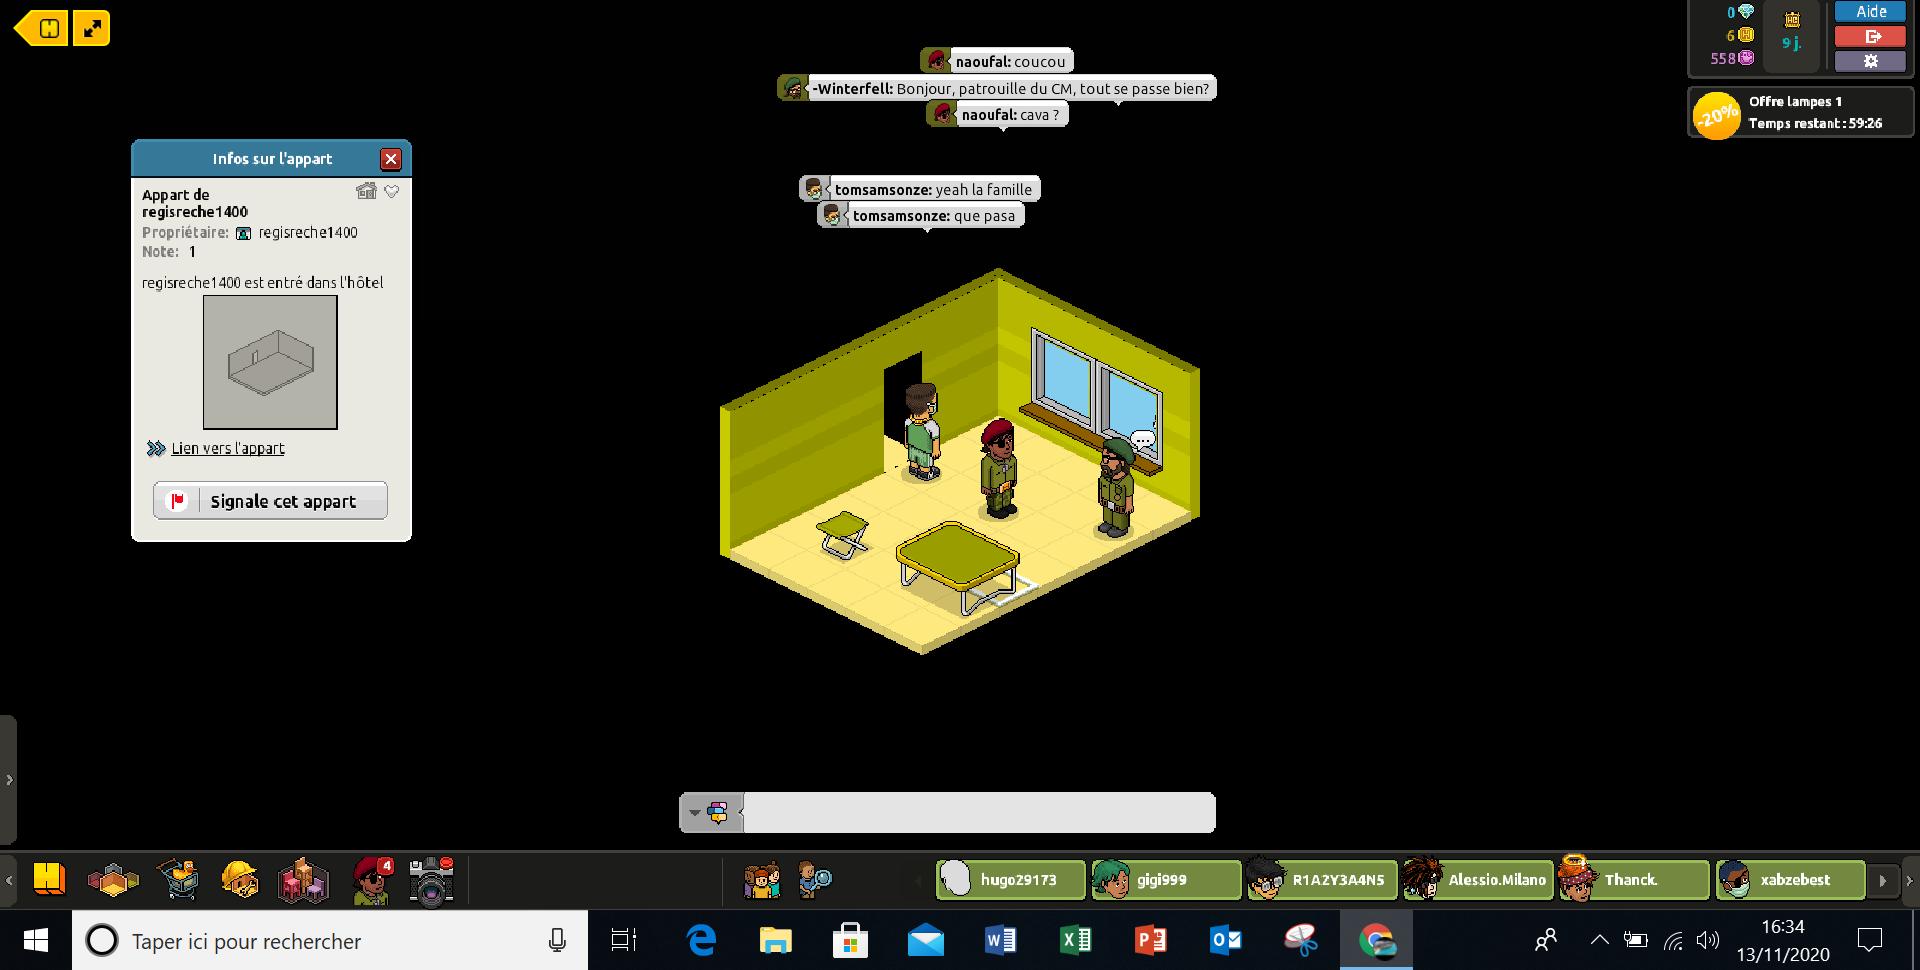 [C.M] Rapports de patrouilles de naoufal - Page 2 201113051019914483